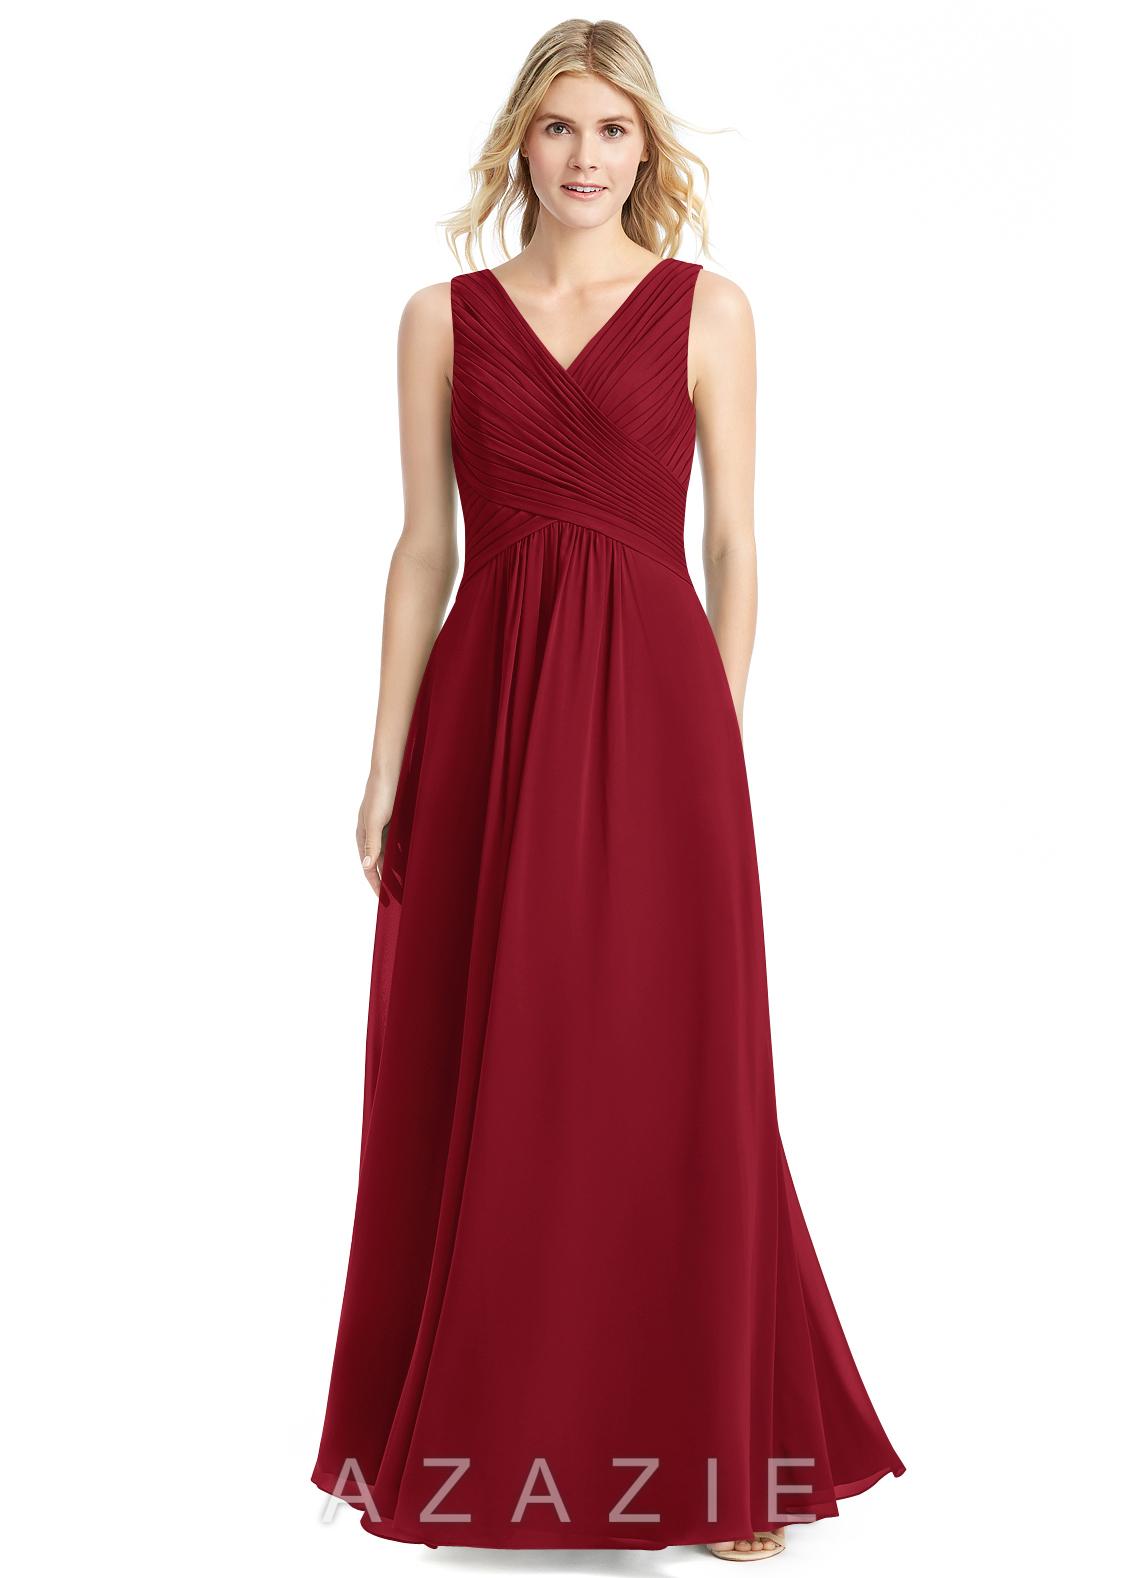 3b3a40f3438 Azazie Bridesmaid Dresses Coupon